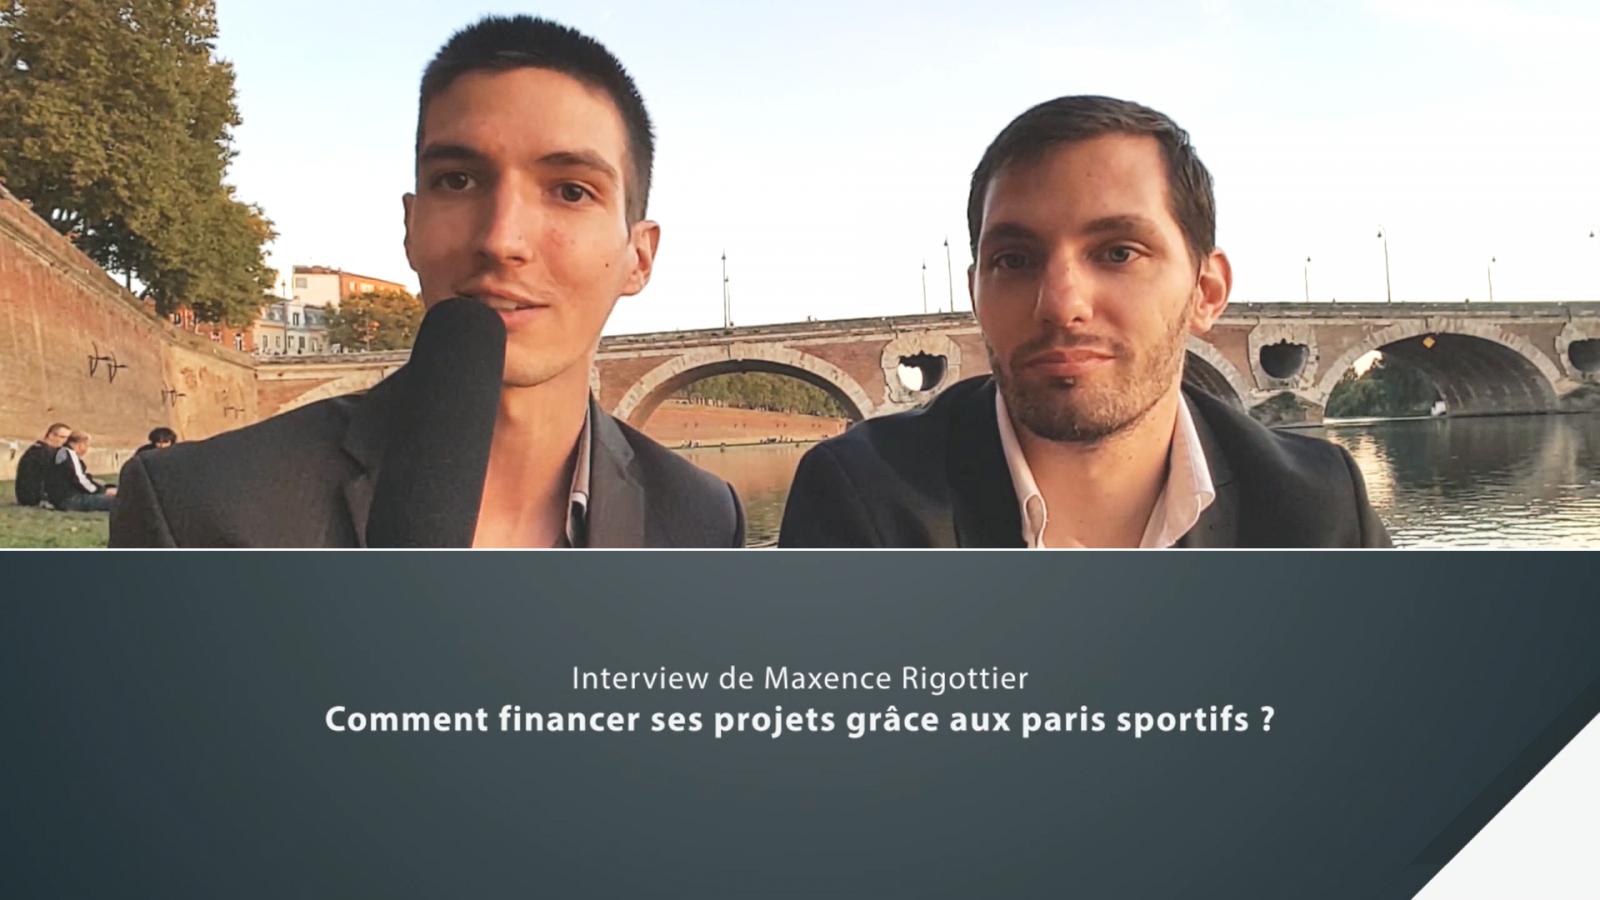 Comment financer ses projets grâce aux paris sportifs